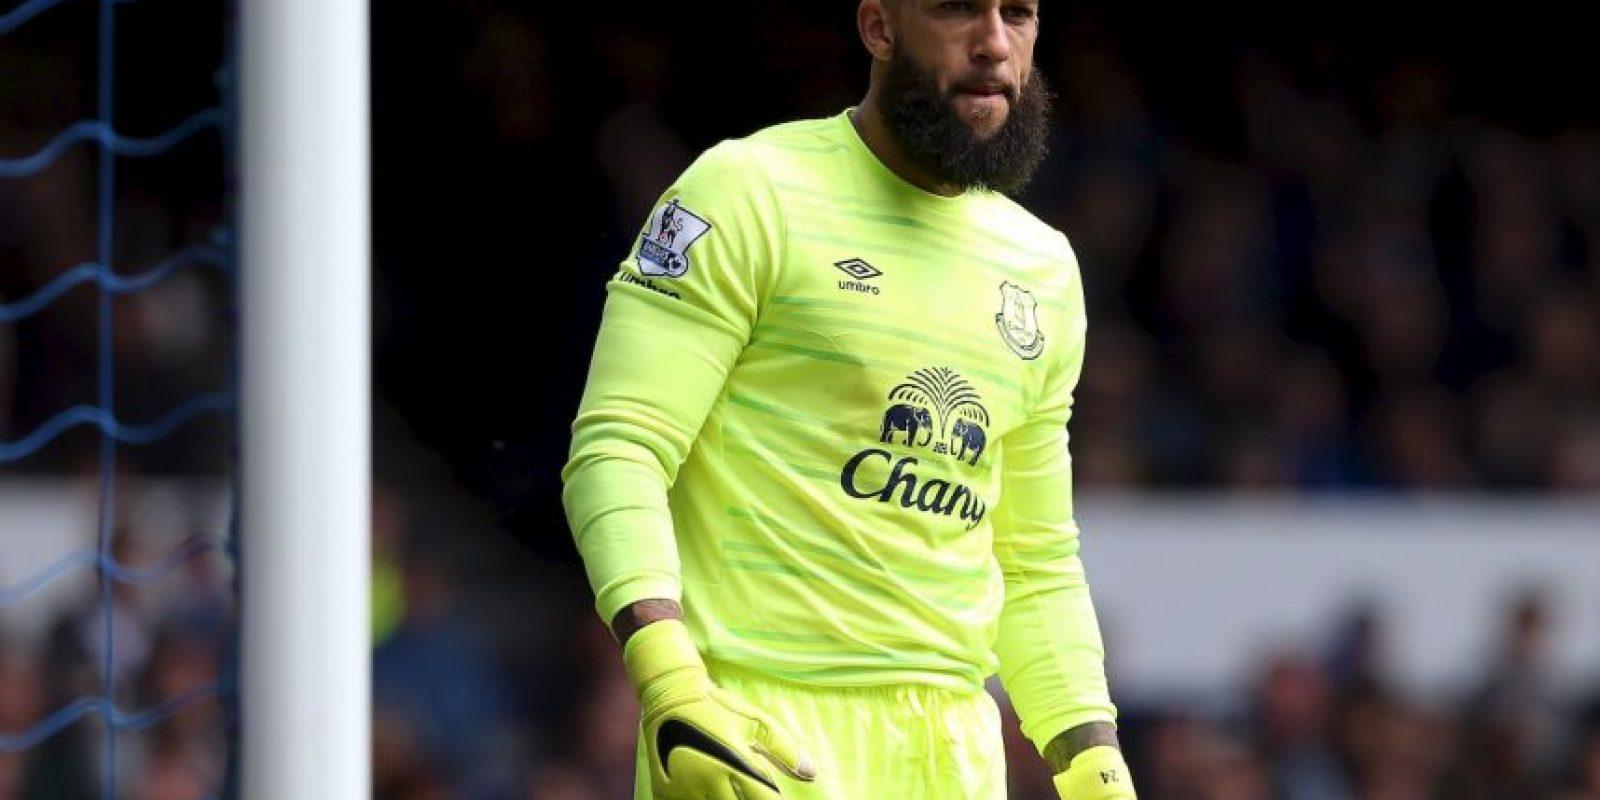 Howard ha jugado tres Mundiales: 2006, 2010 y 2014 Foto:Getty Images